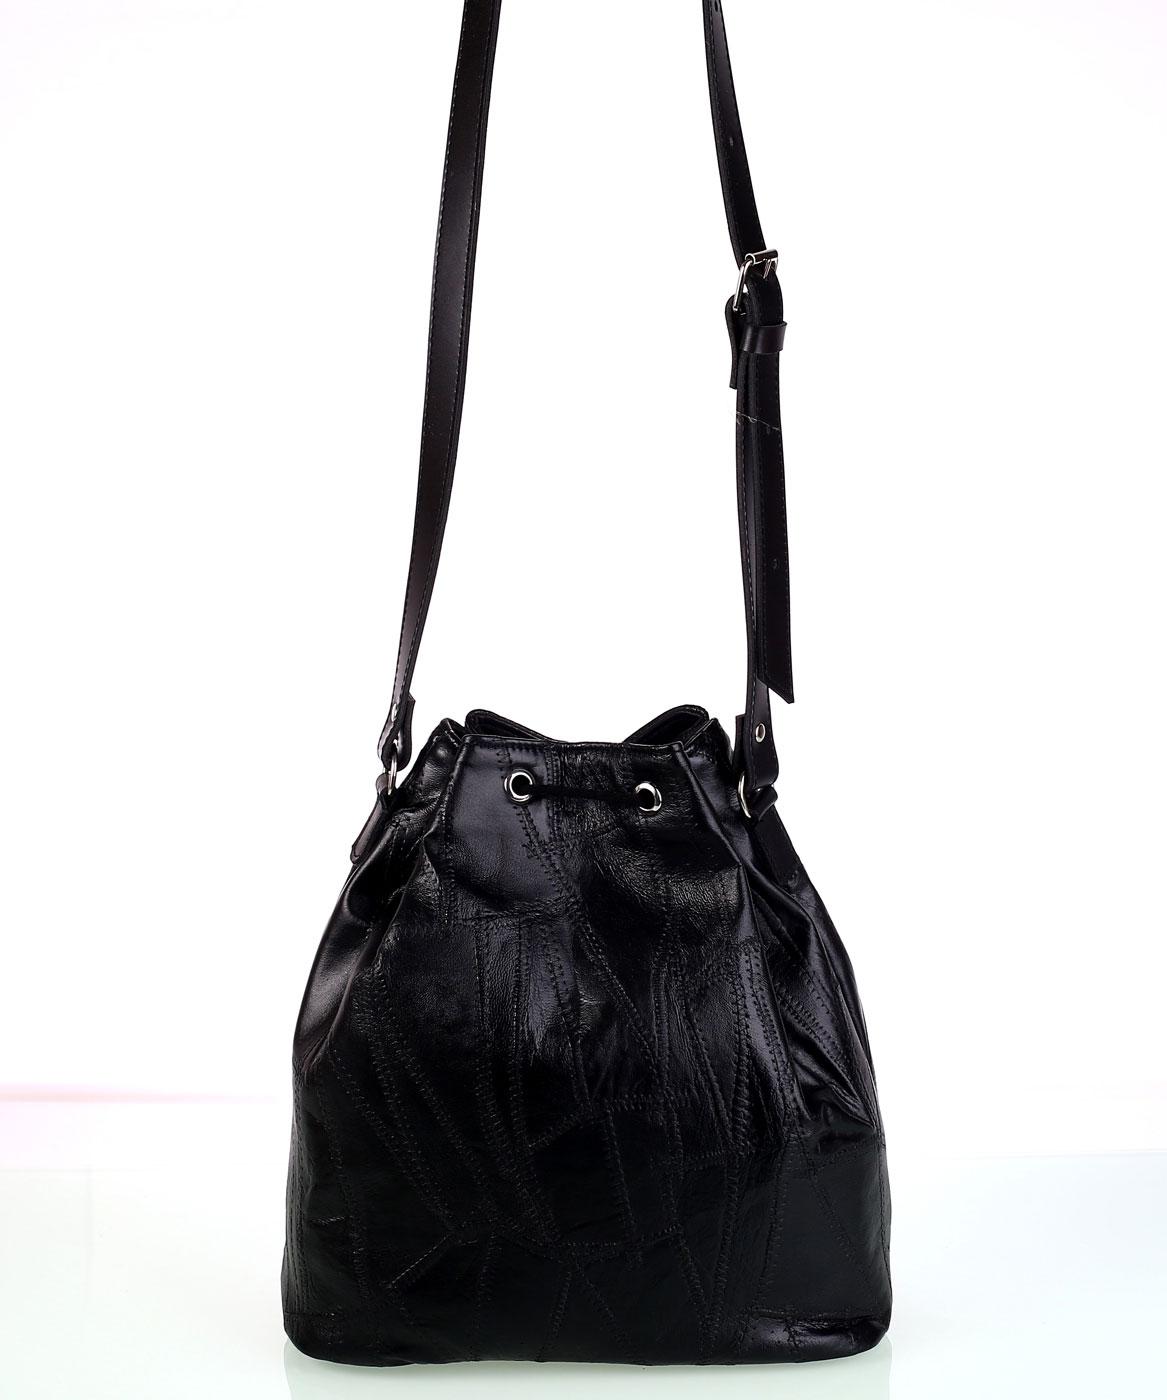 Dámska kožená kabelka cez rameno Kbas so sťahovacím zapínaním čierna 7c98c32b8c6